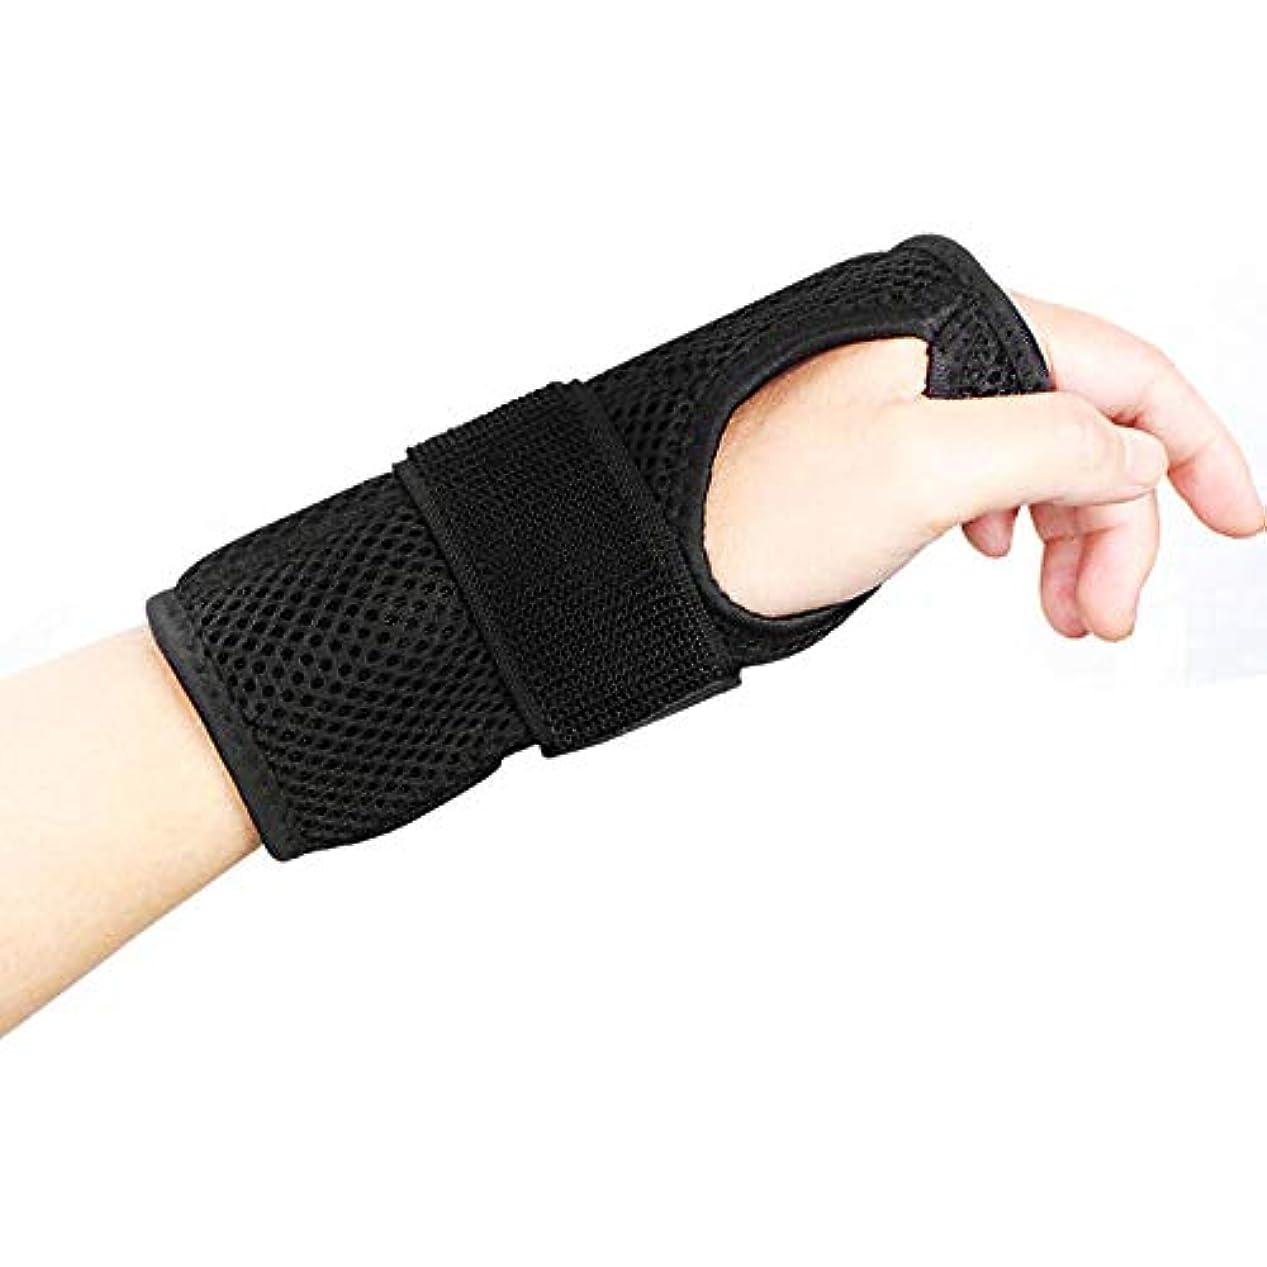 精通したシンプトンループ手首サポートブレーススプリントは、怪我、スポーツ、ジム、繰り返しの緊張などのために医学的に承認された調整可能な弾性ブレースです デザイン,Righthand,M